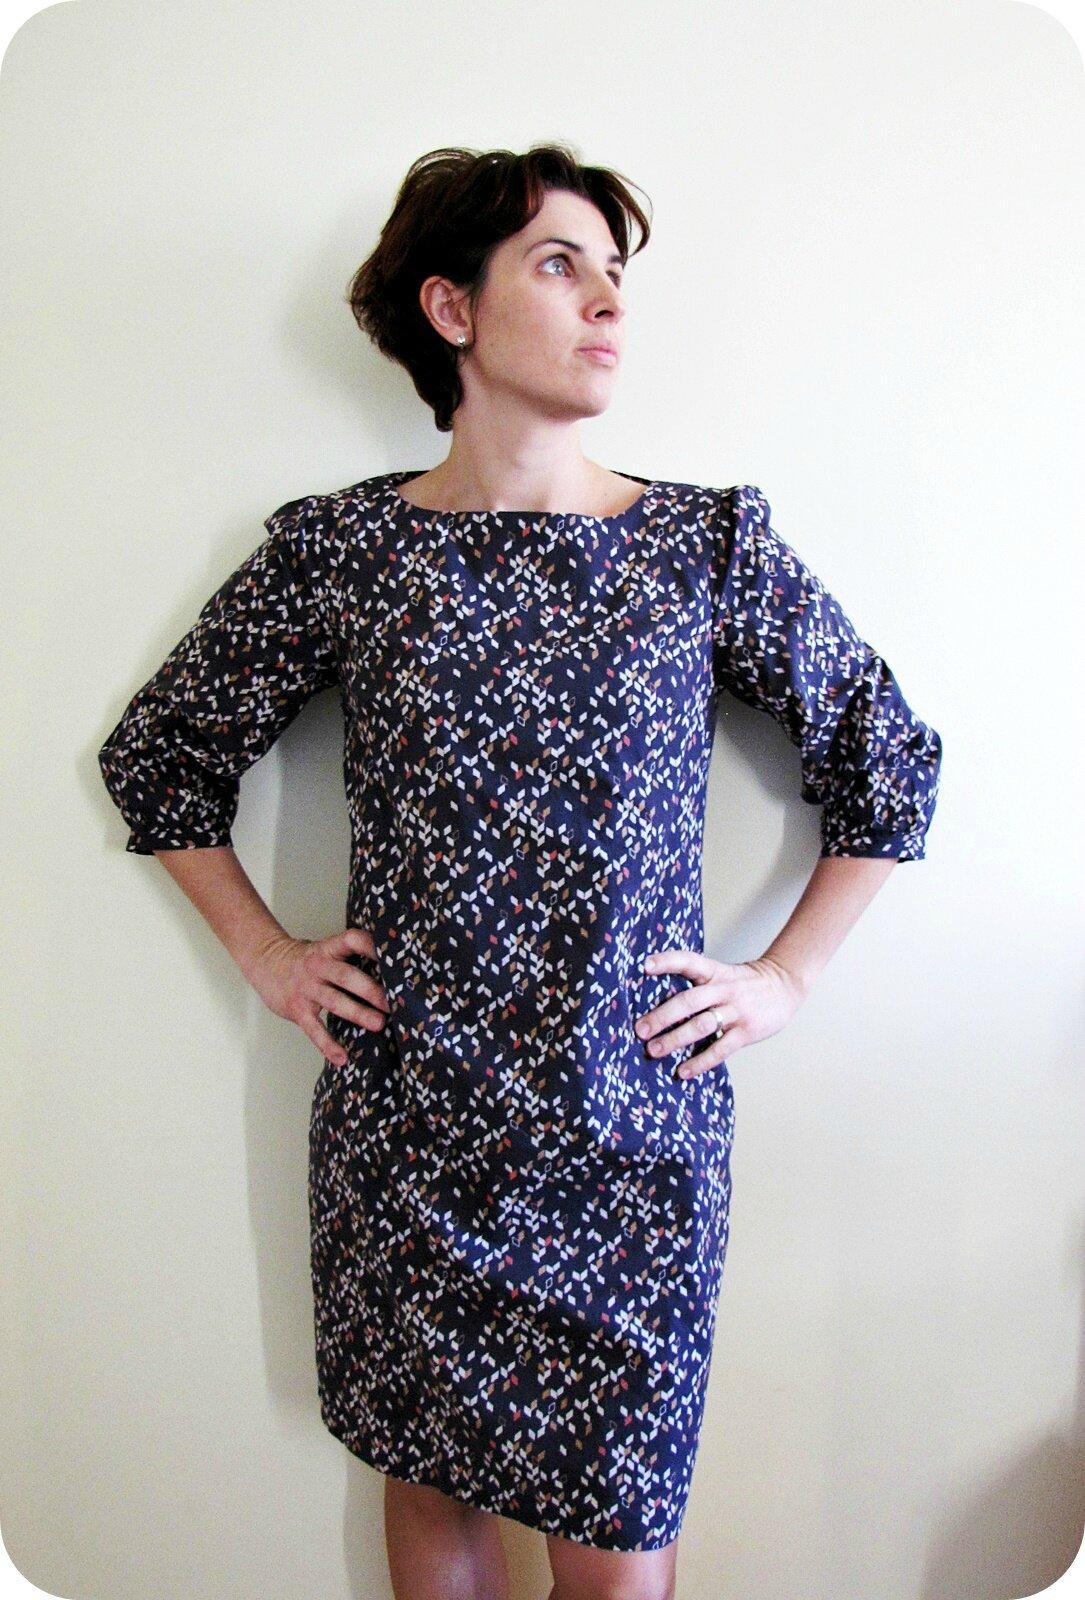 Bien-aimé La petite robe qui twist - Le Tricomonde de Sophie ML49